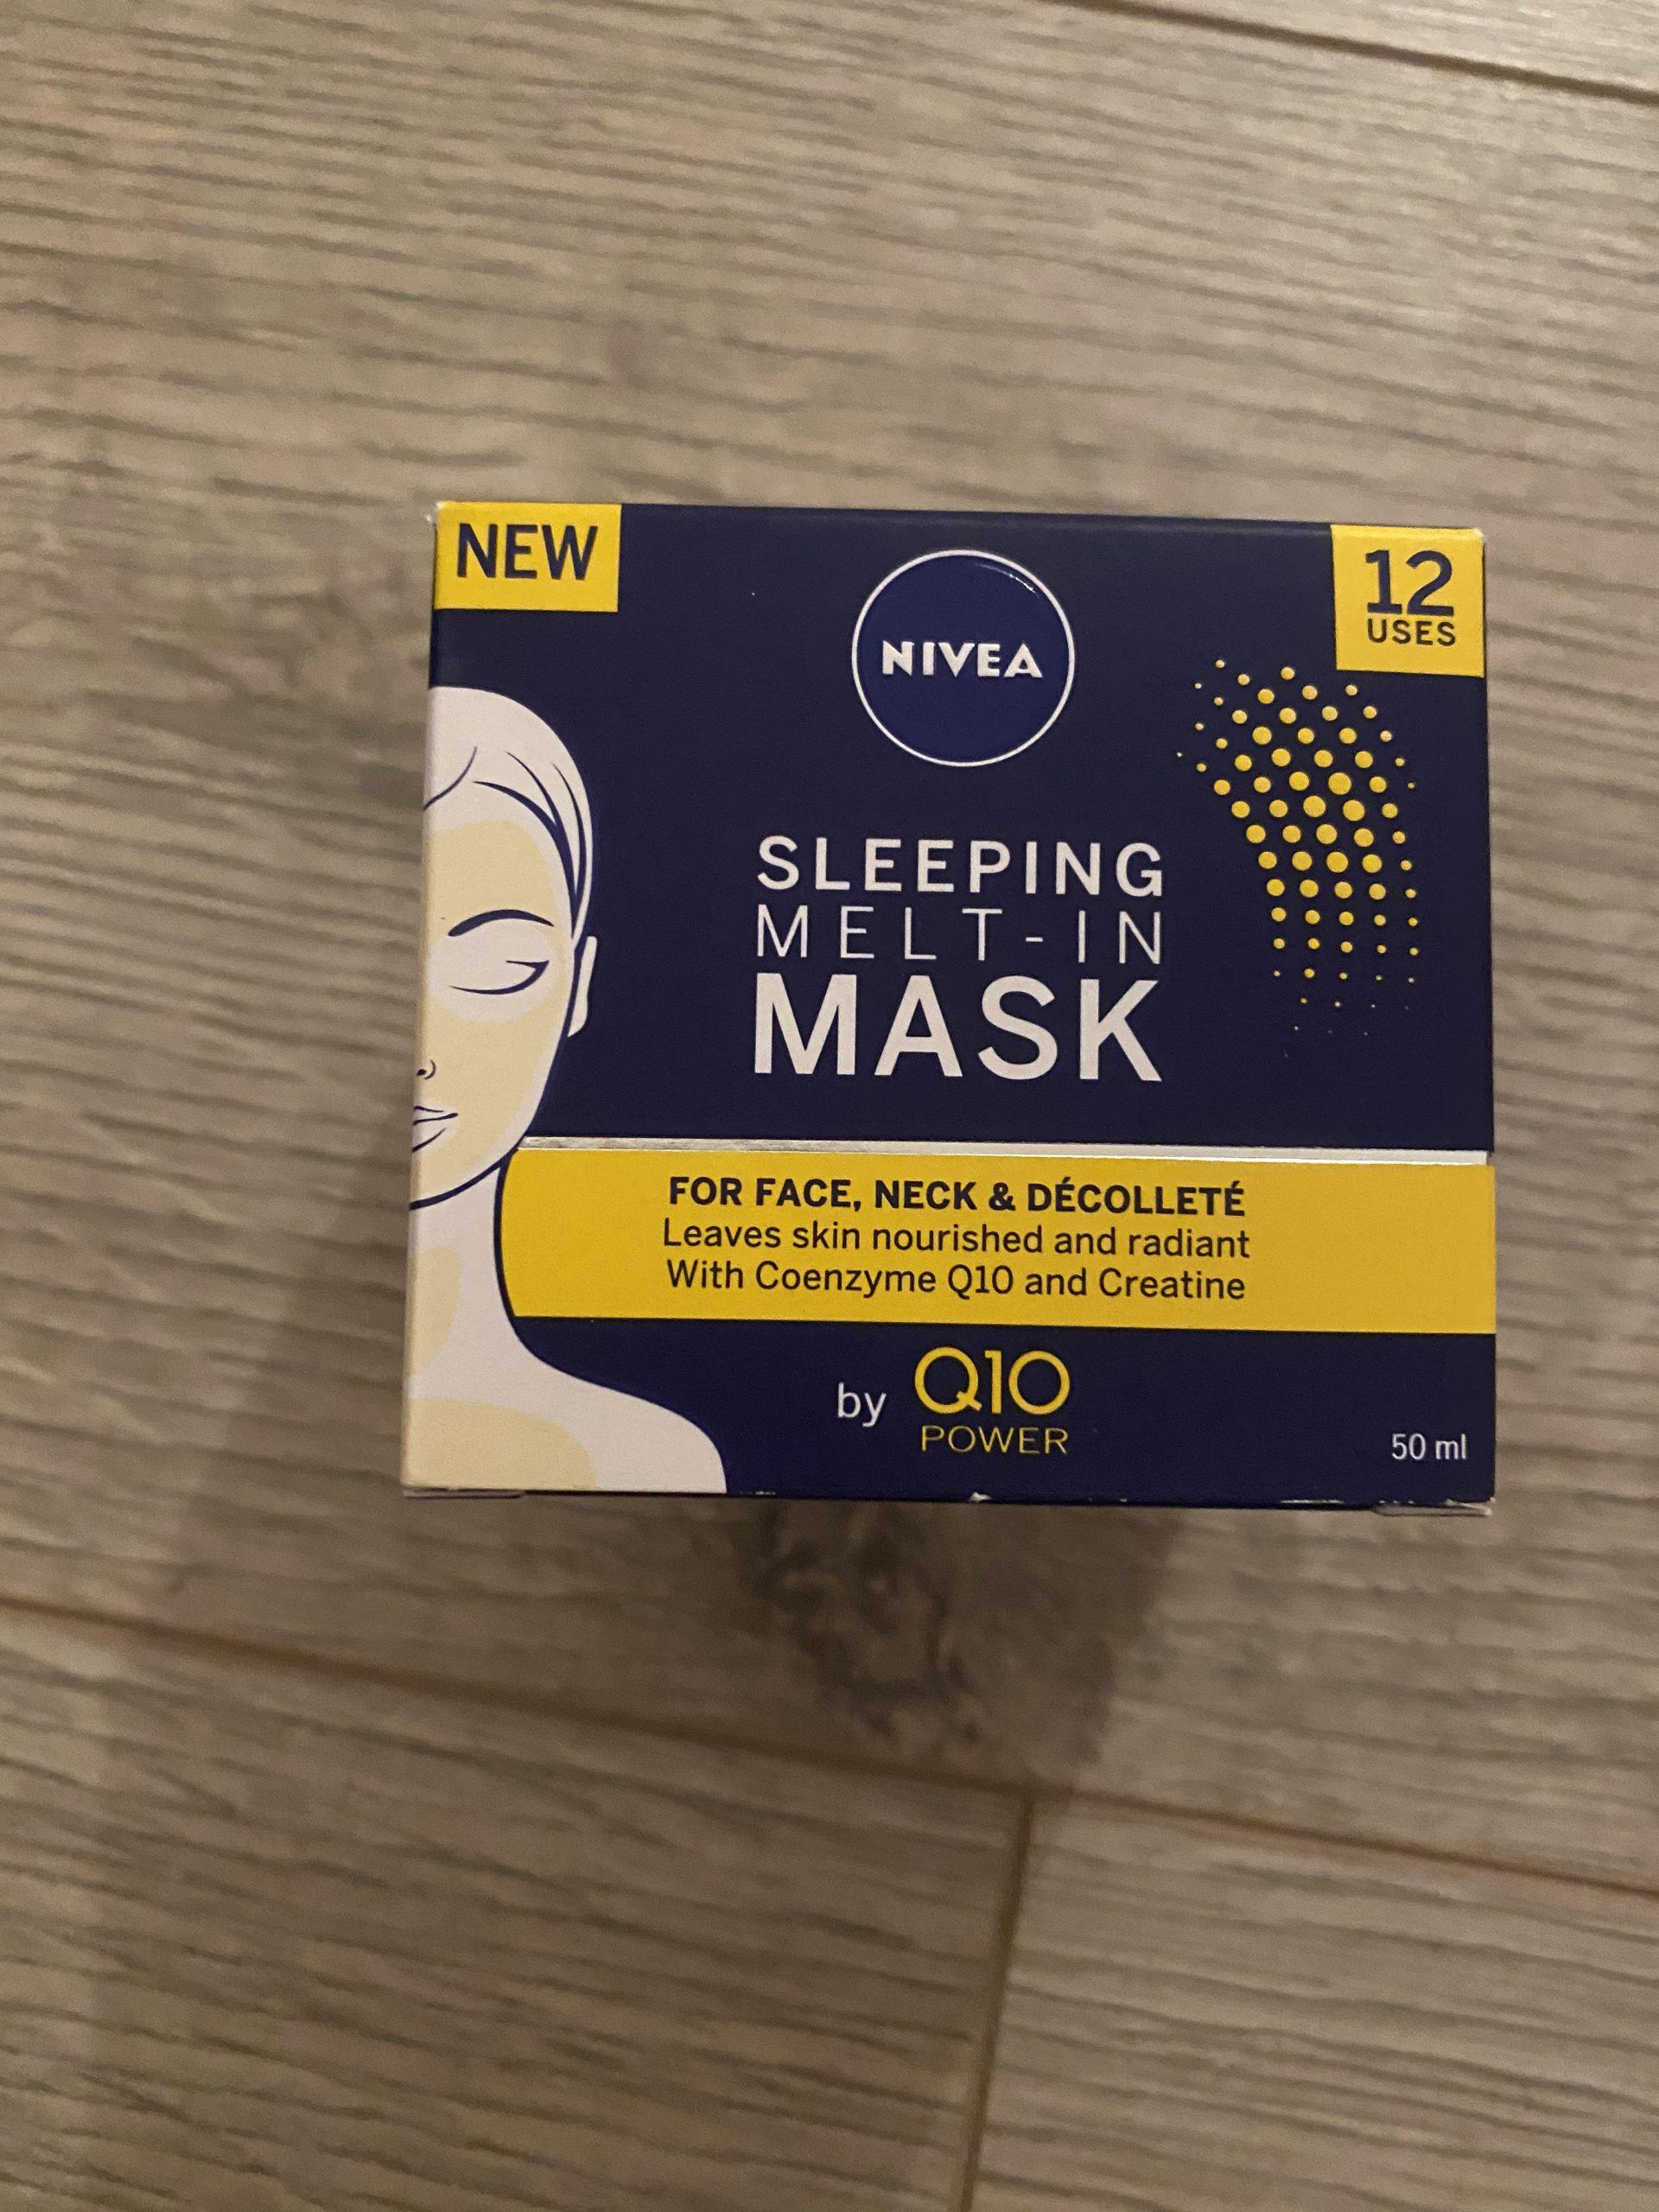 Nivea face mask